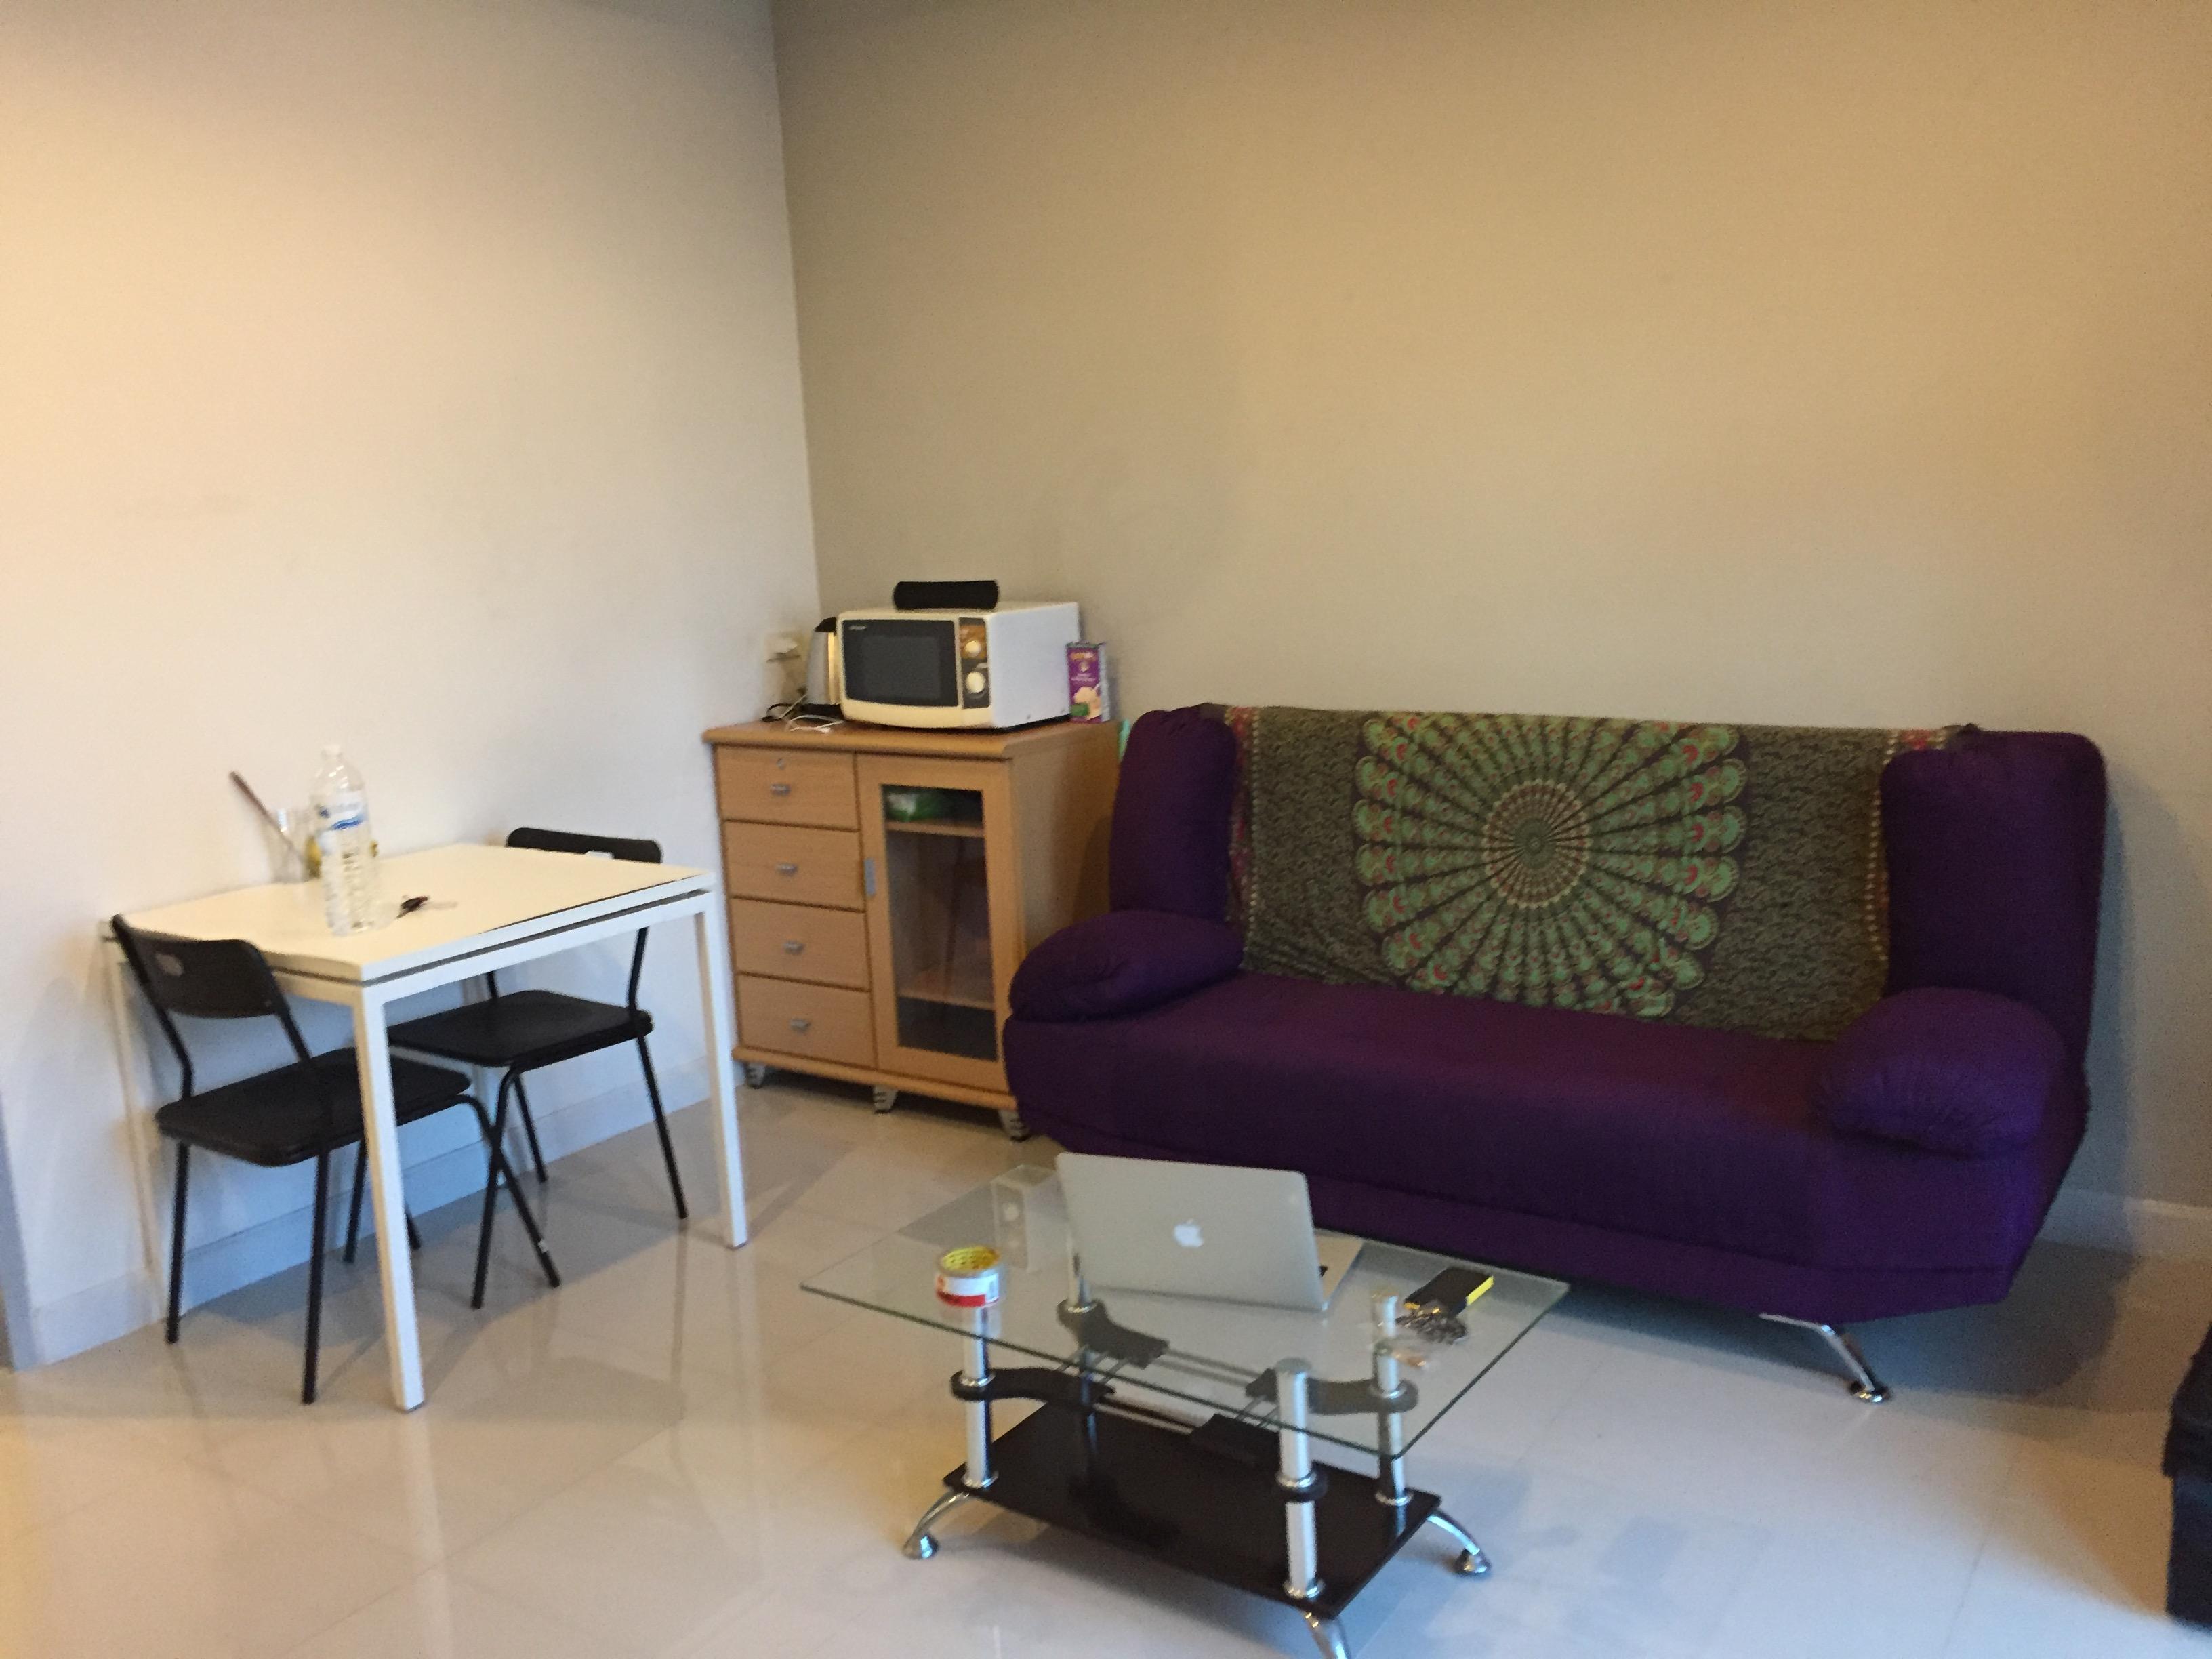 thailand_apartment.jpg